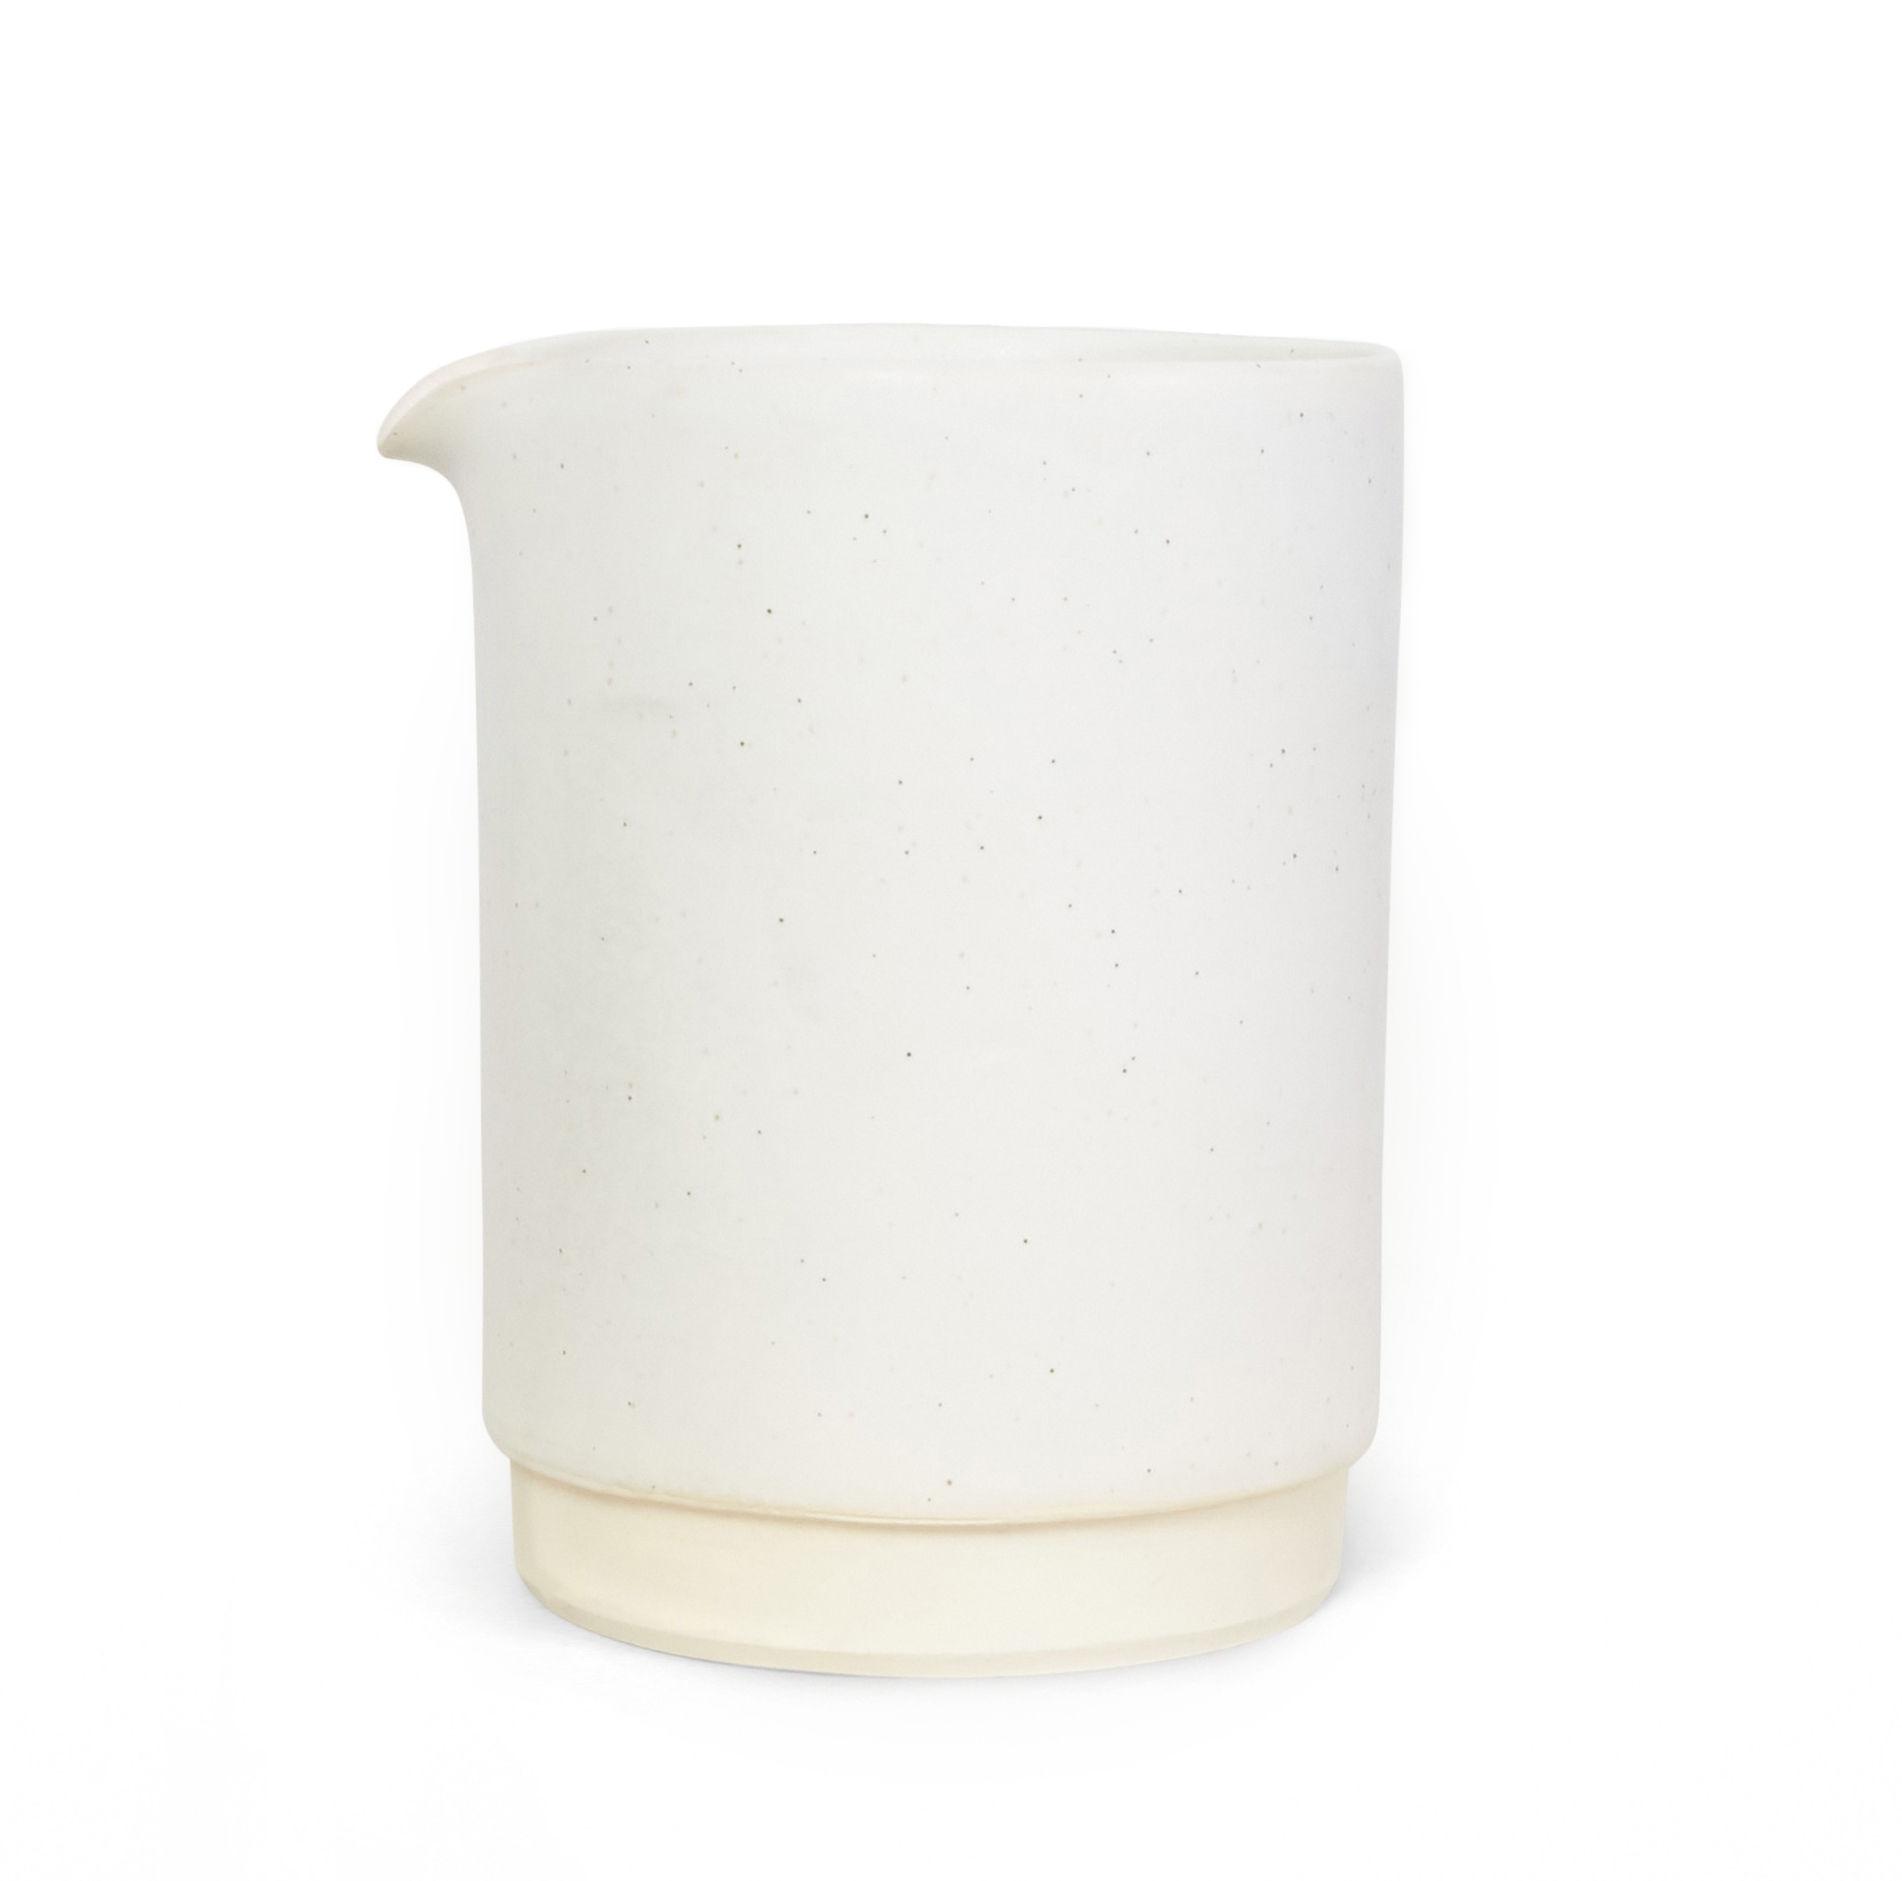 Tischkultur - Karaffen - Otto Large Karaffe / Ø 11 x H 15 cm - Frama  - Weiß - emaillierter Sandstein